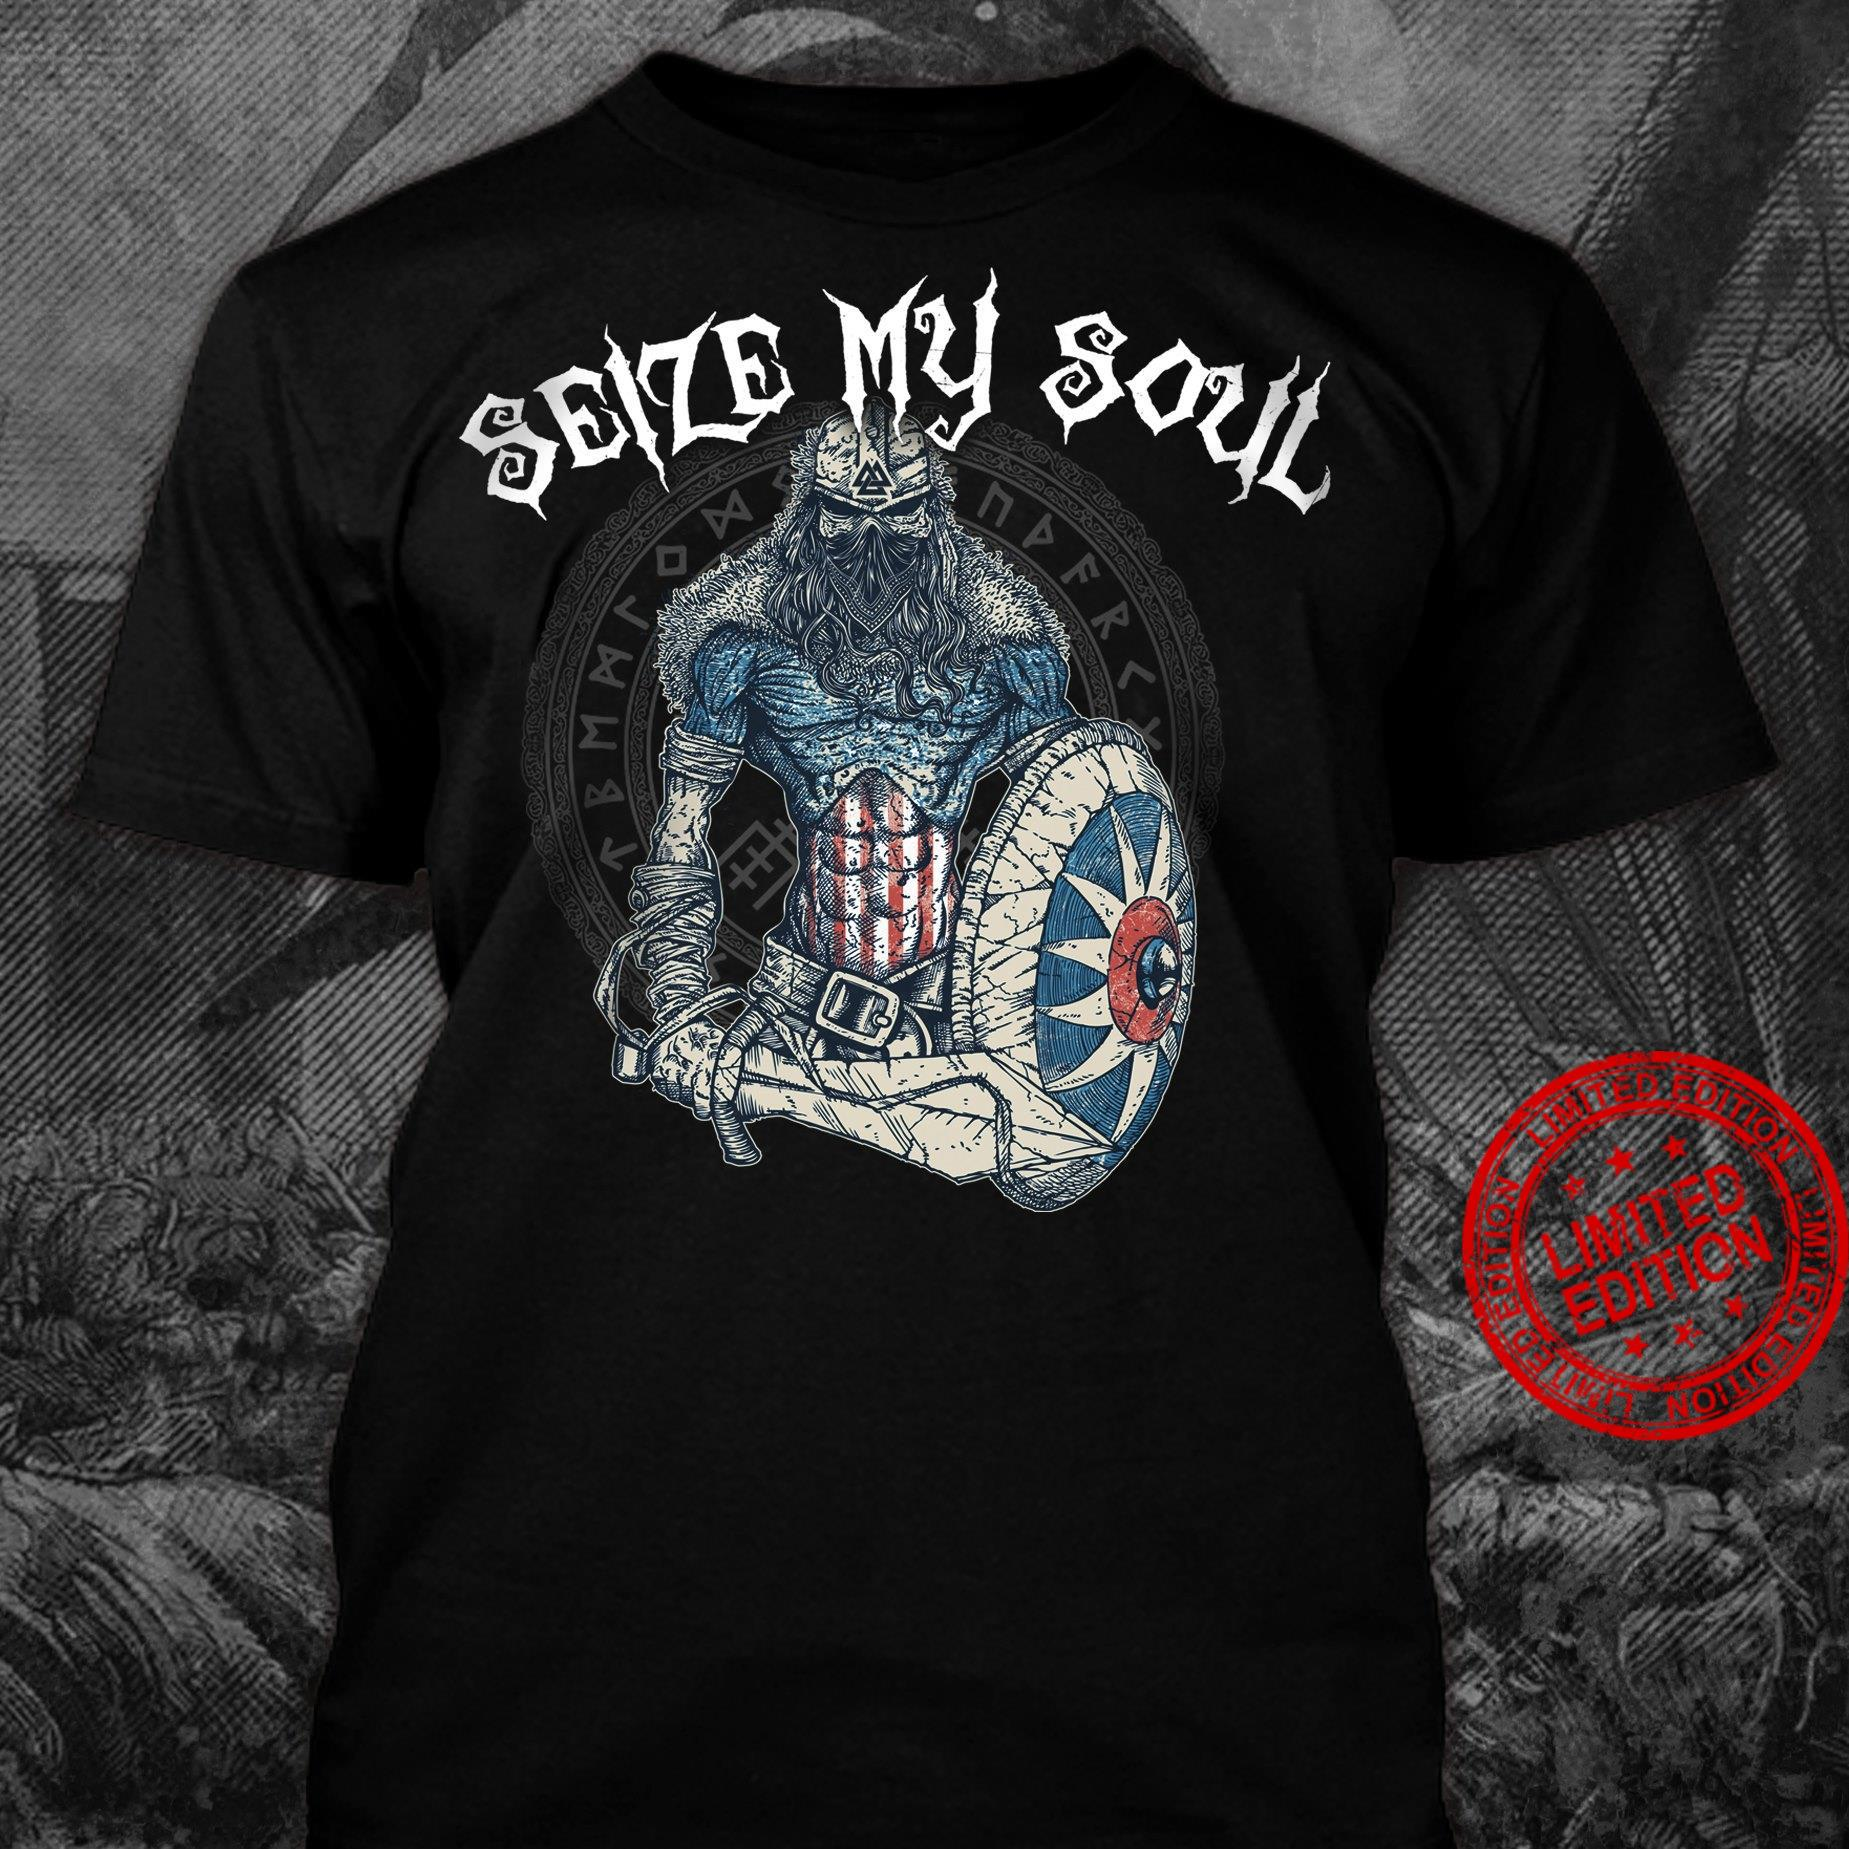 Seize My Soul Shirt